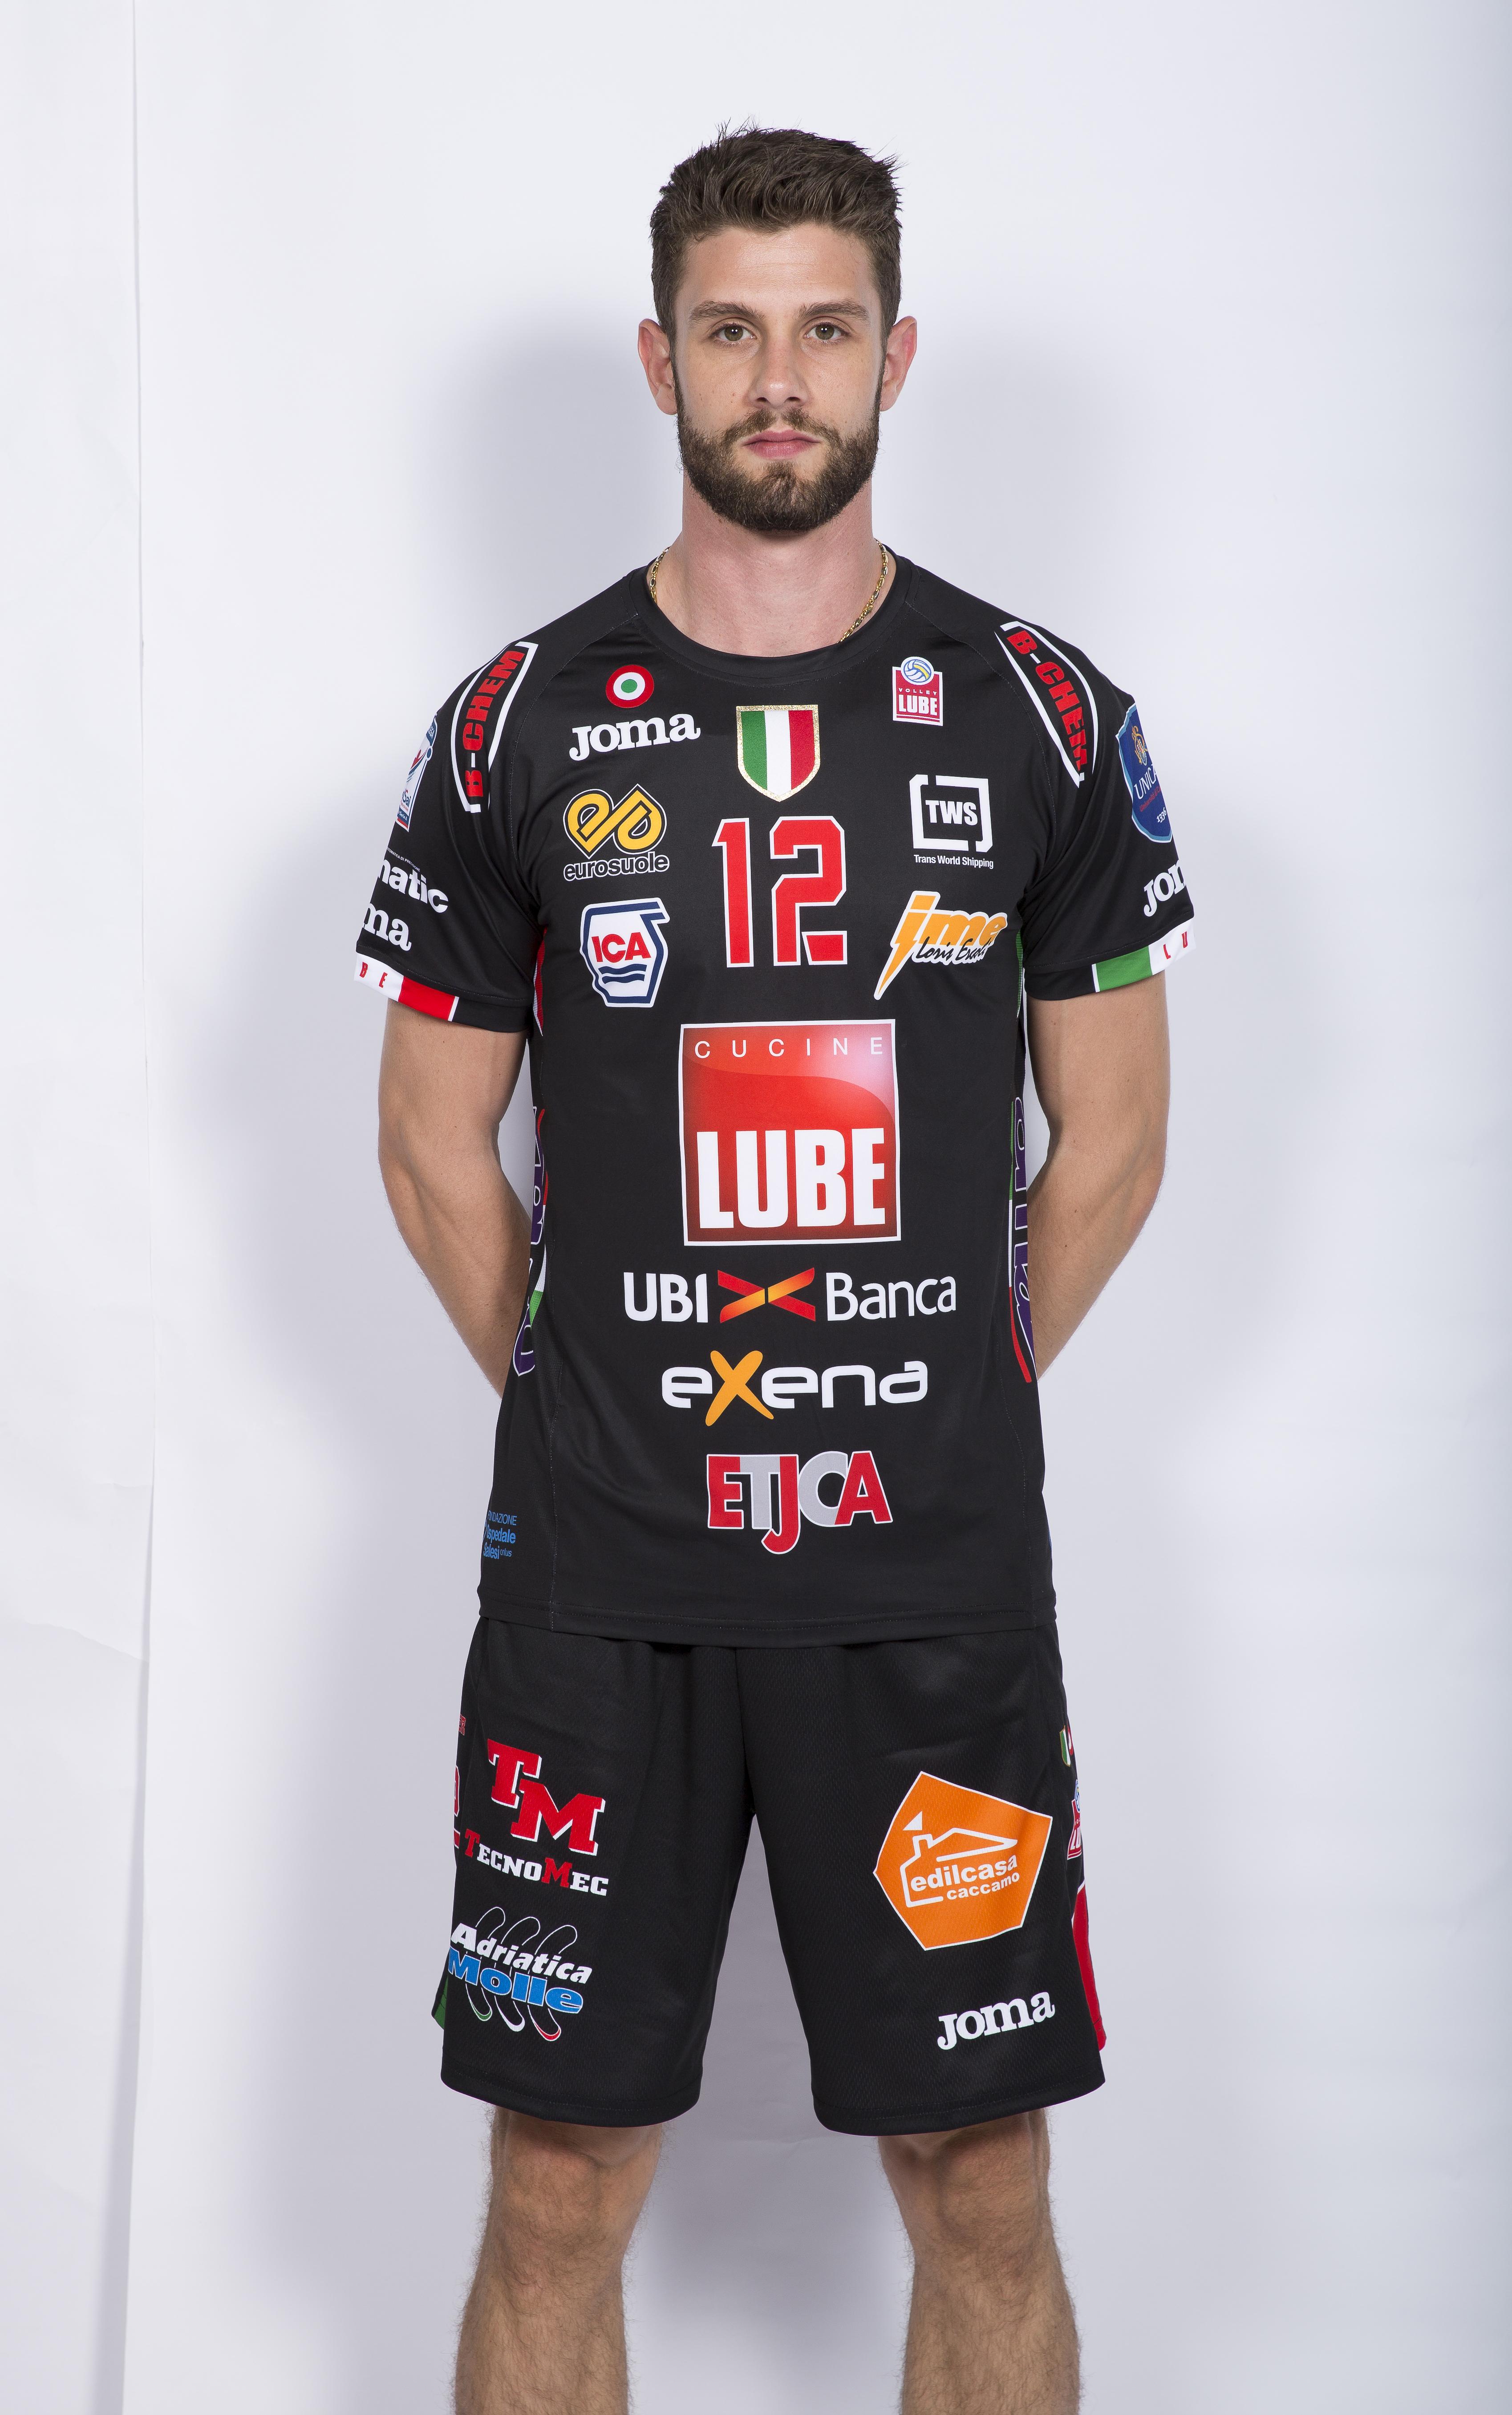 Enrico Cester